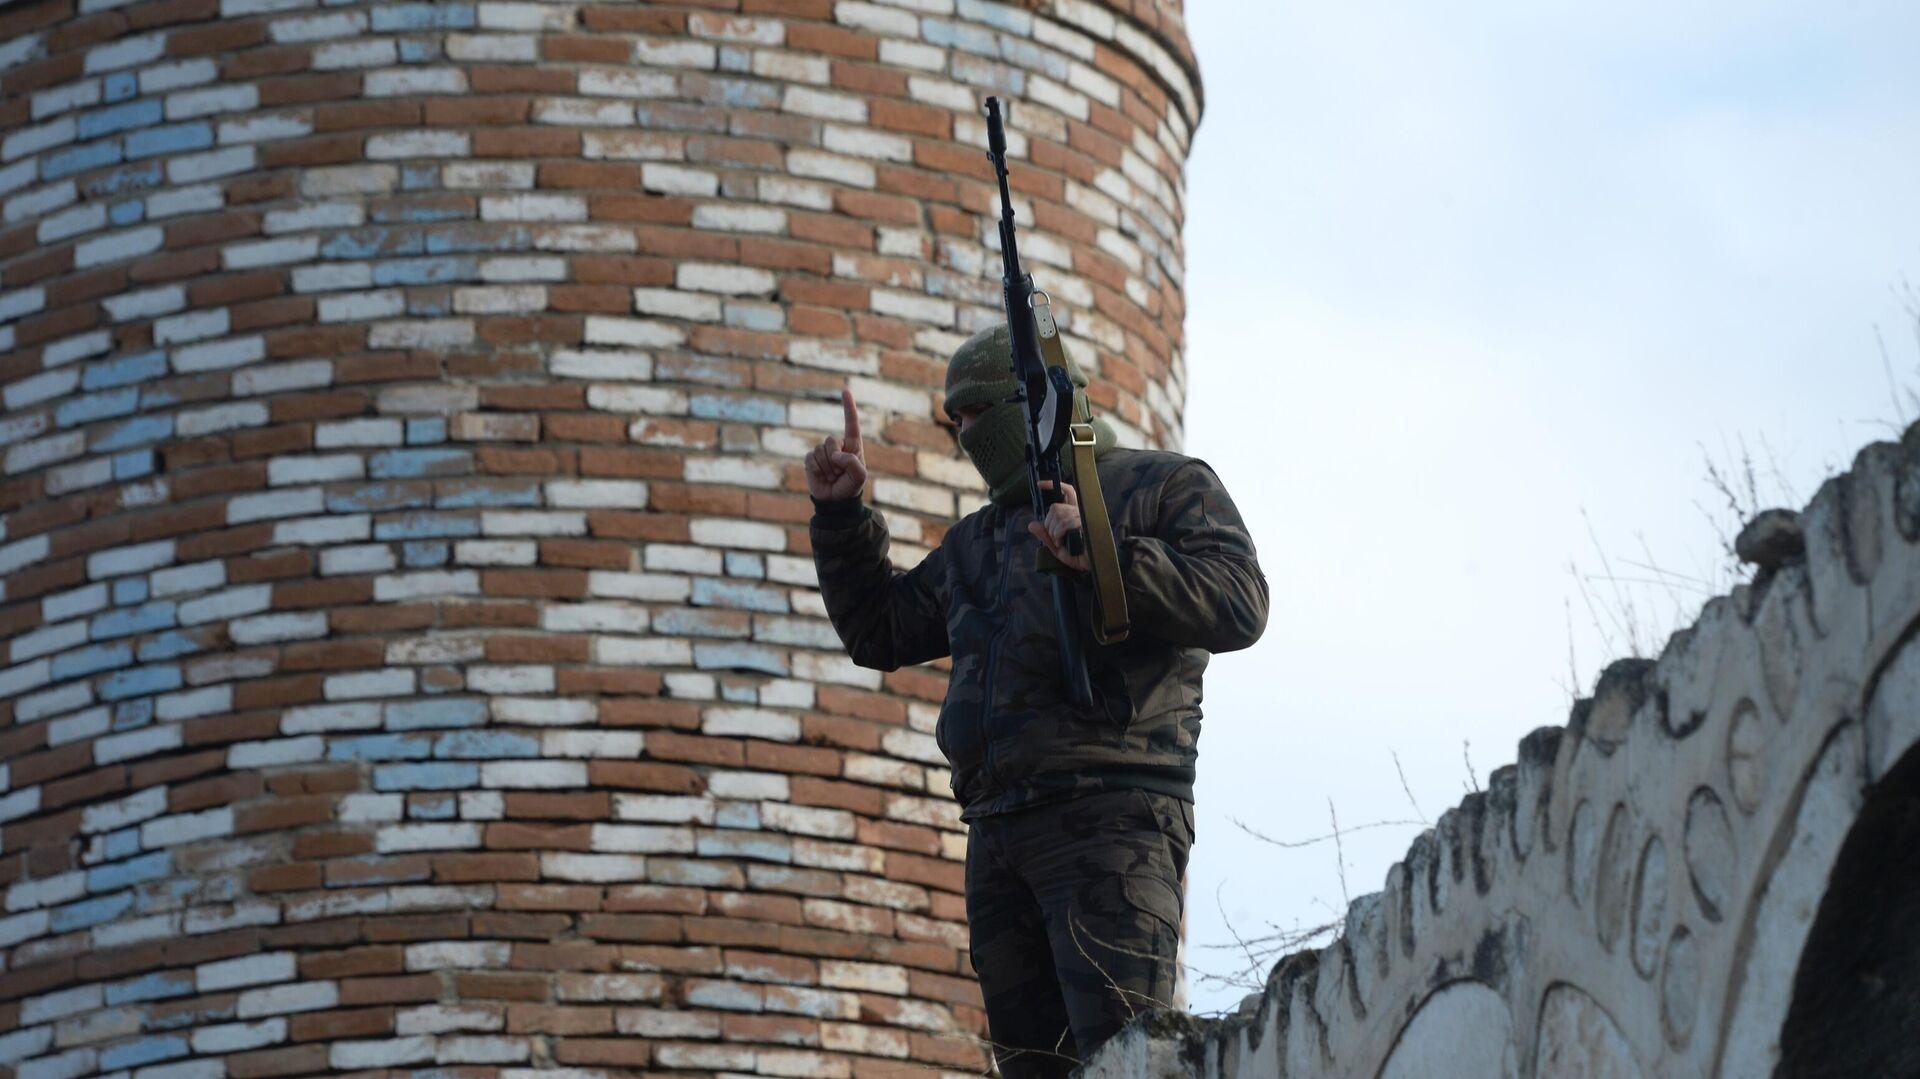 Вооруженный мужчина на крыше мечети Джума в Агдаме - РИА Новости, 1920, 27.11.2020